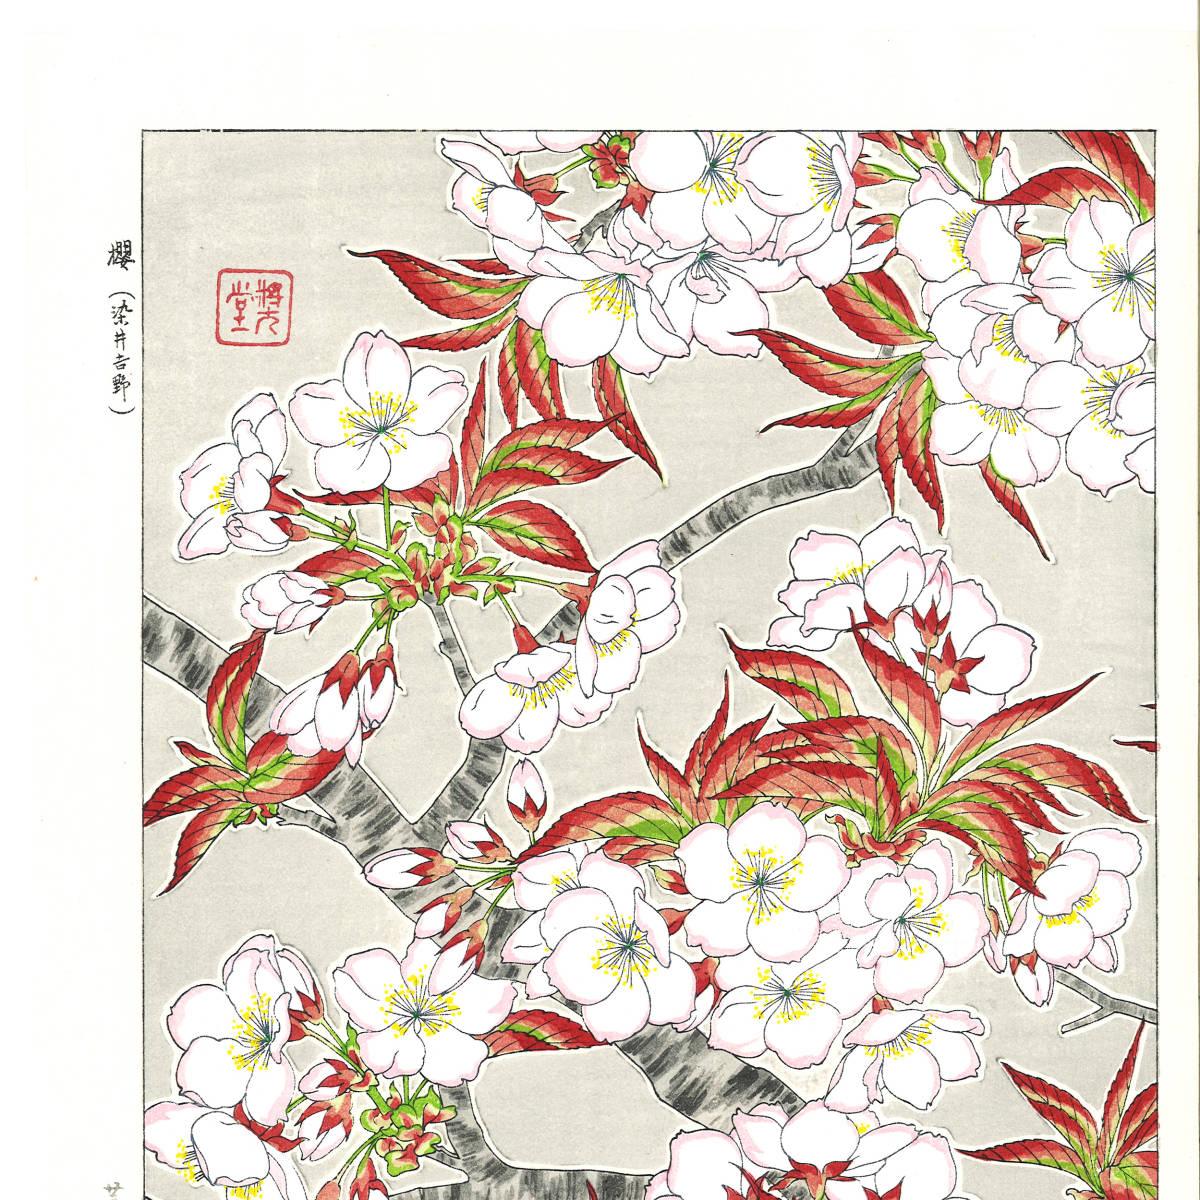 河原崎奨堂 (Kawarazaki Shodo) (1899~1973) 木版画 F020 桜 花版画 (cherry) 初版昭和初期~ 京都の一流の摺師の技をご堪能下さい。_画像3